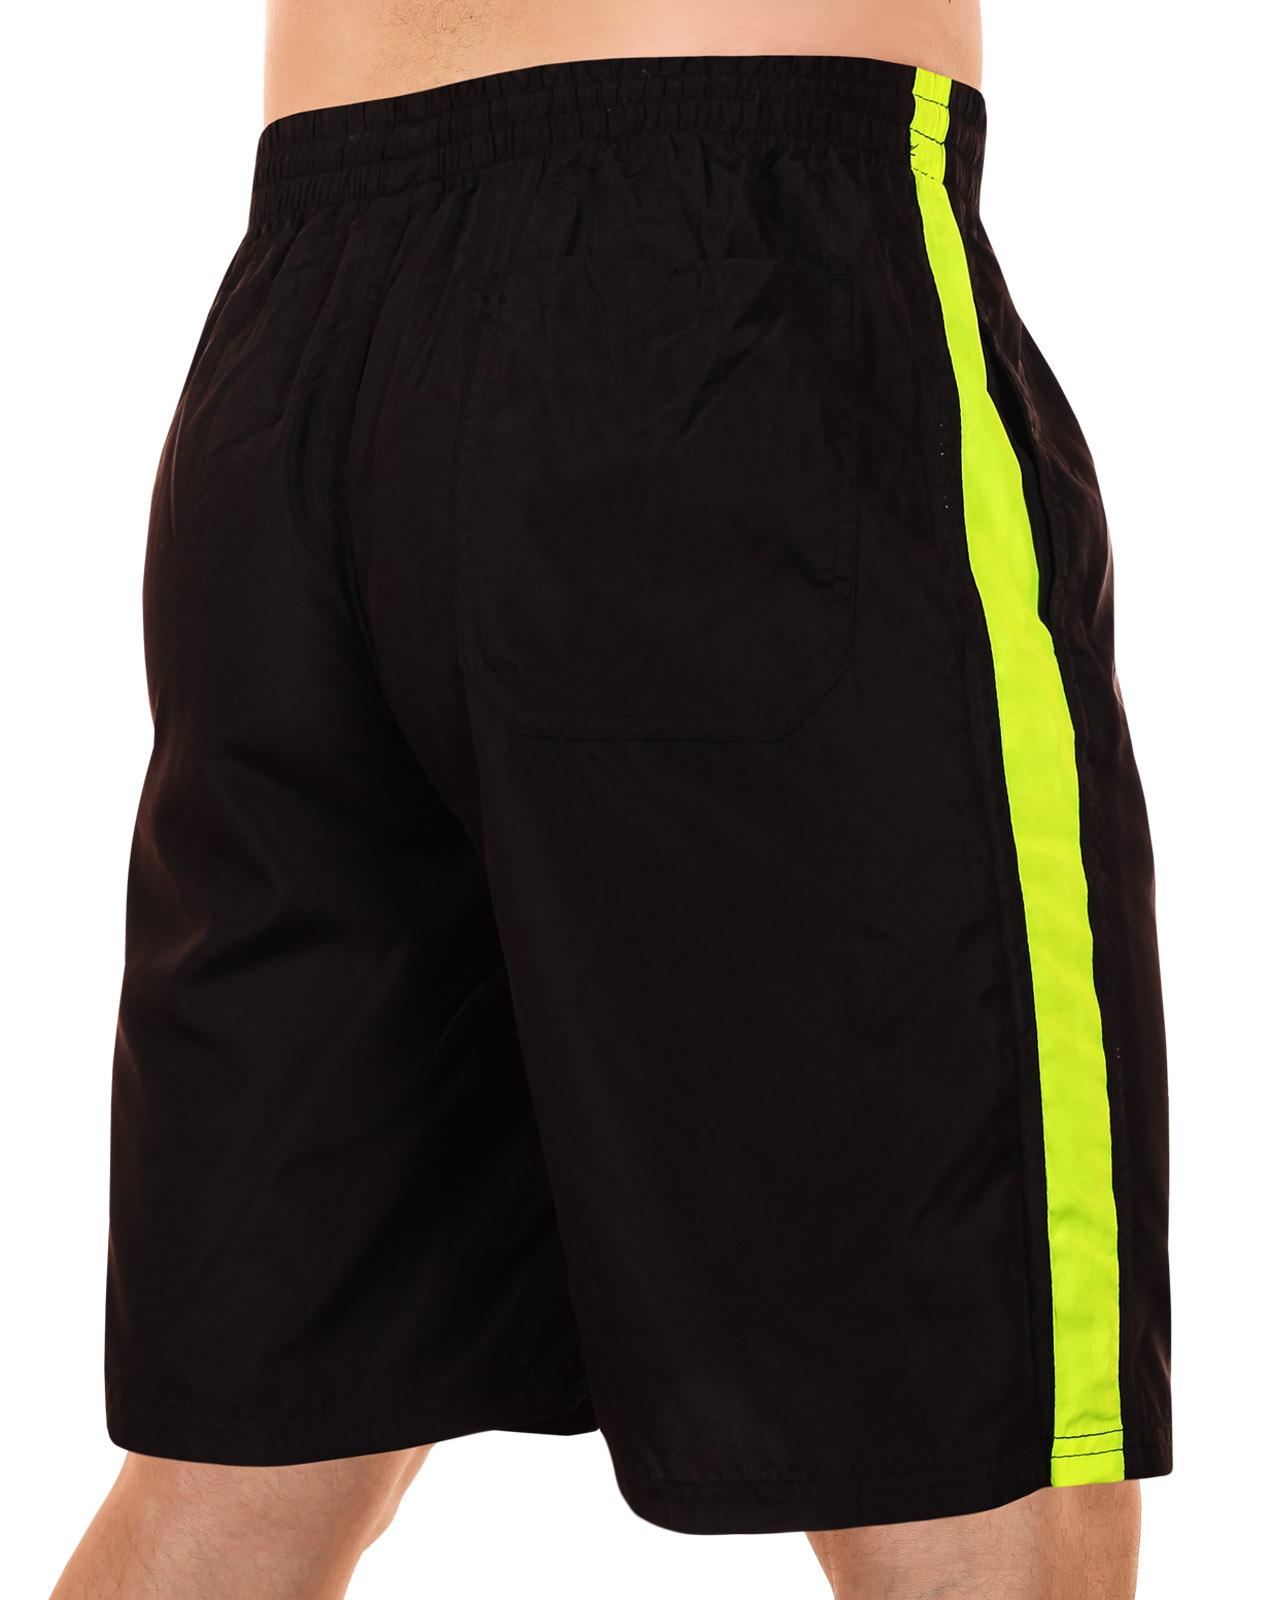 Мужские пляжные шорты классического стиля от MACE по лучшей цене